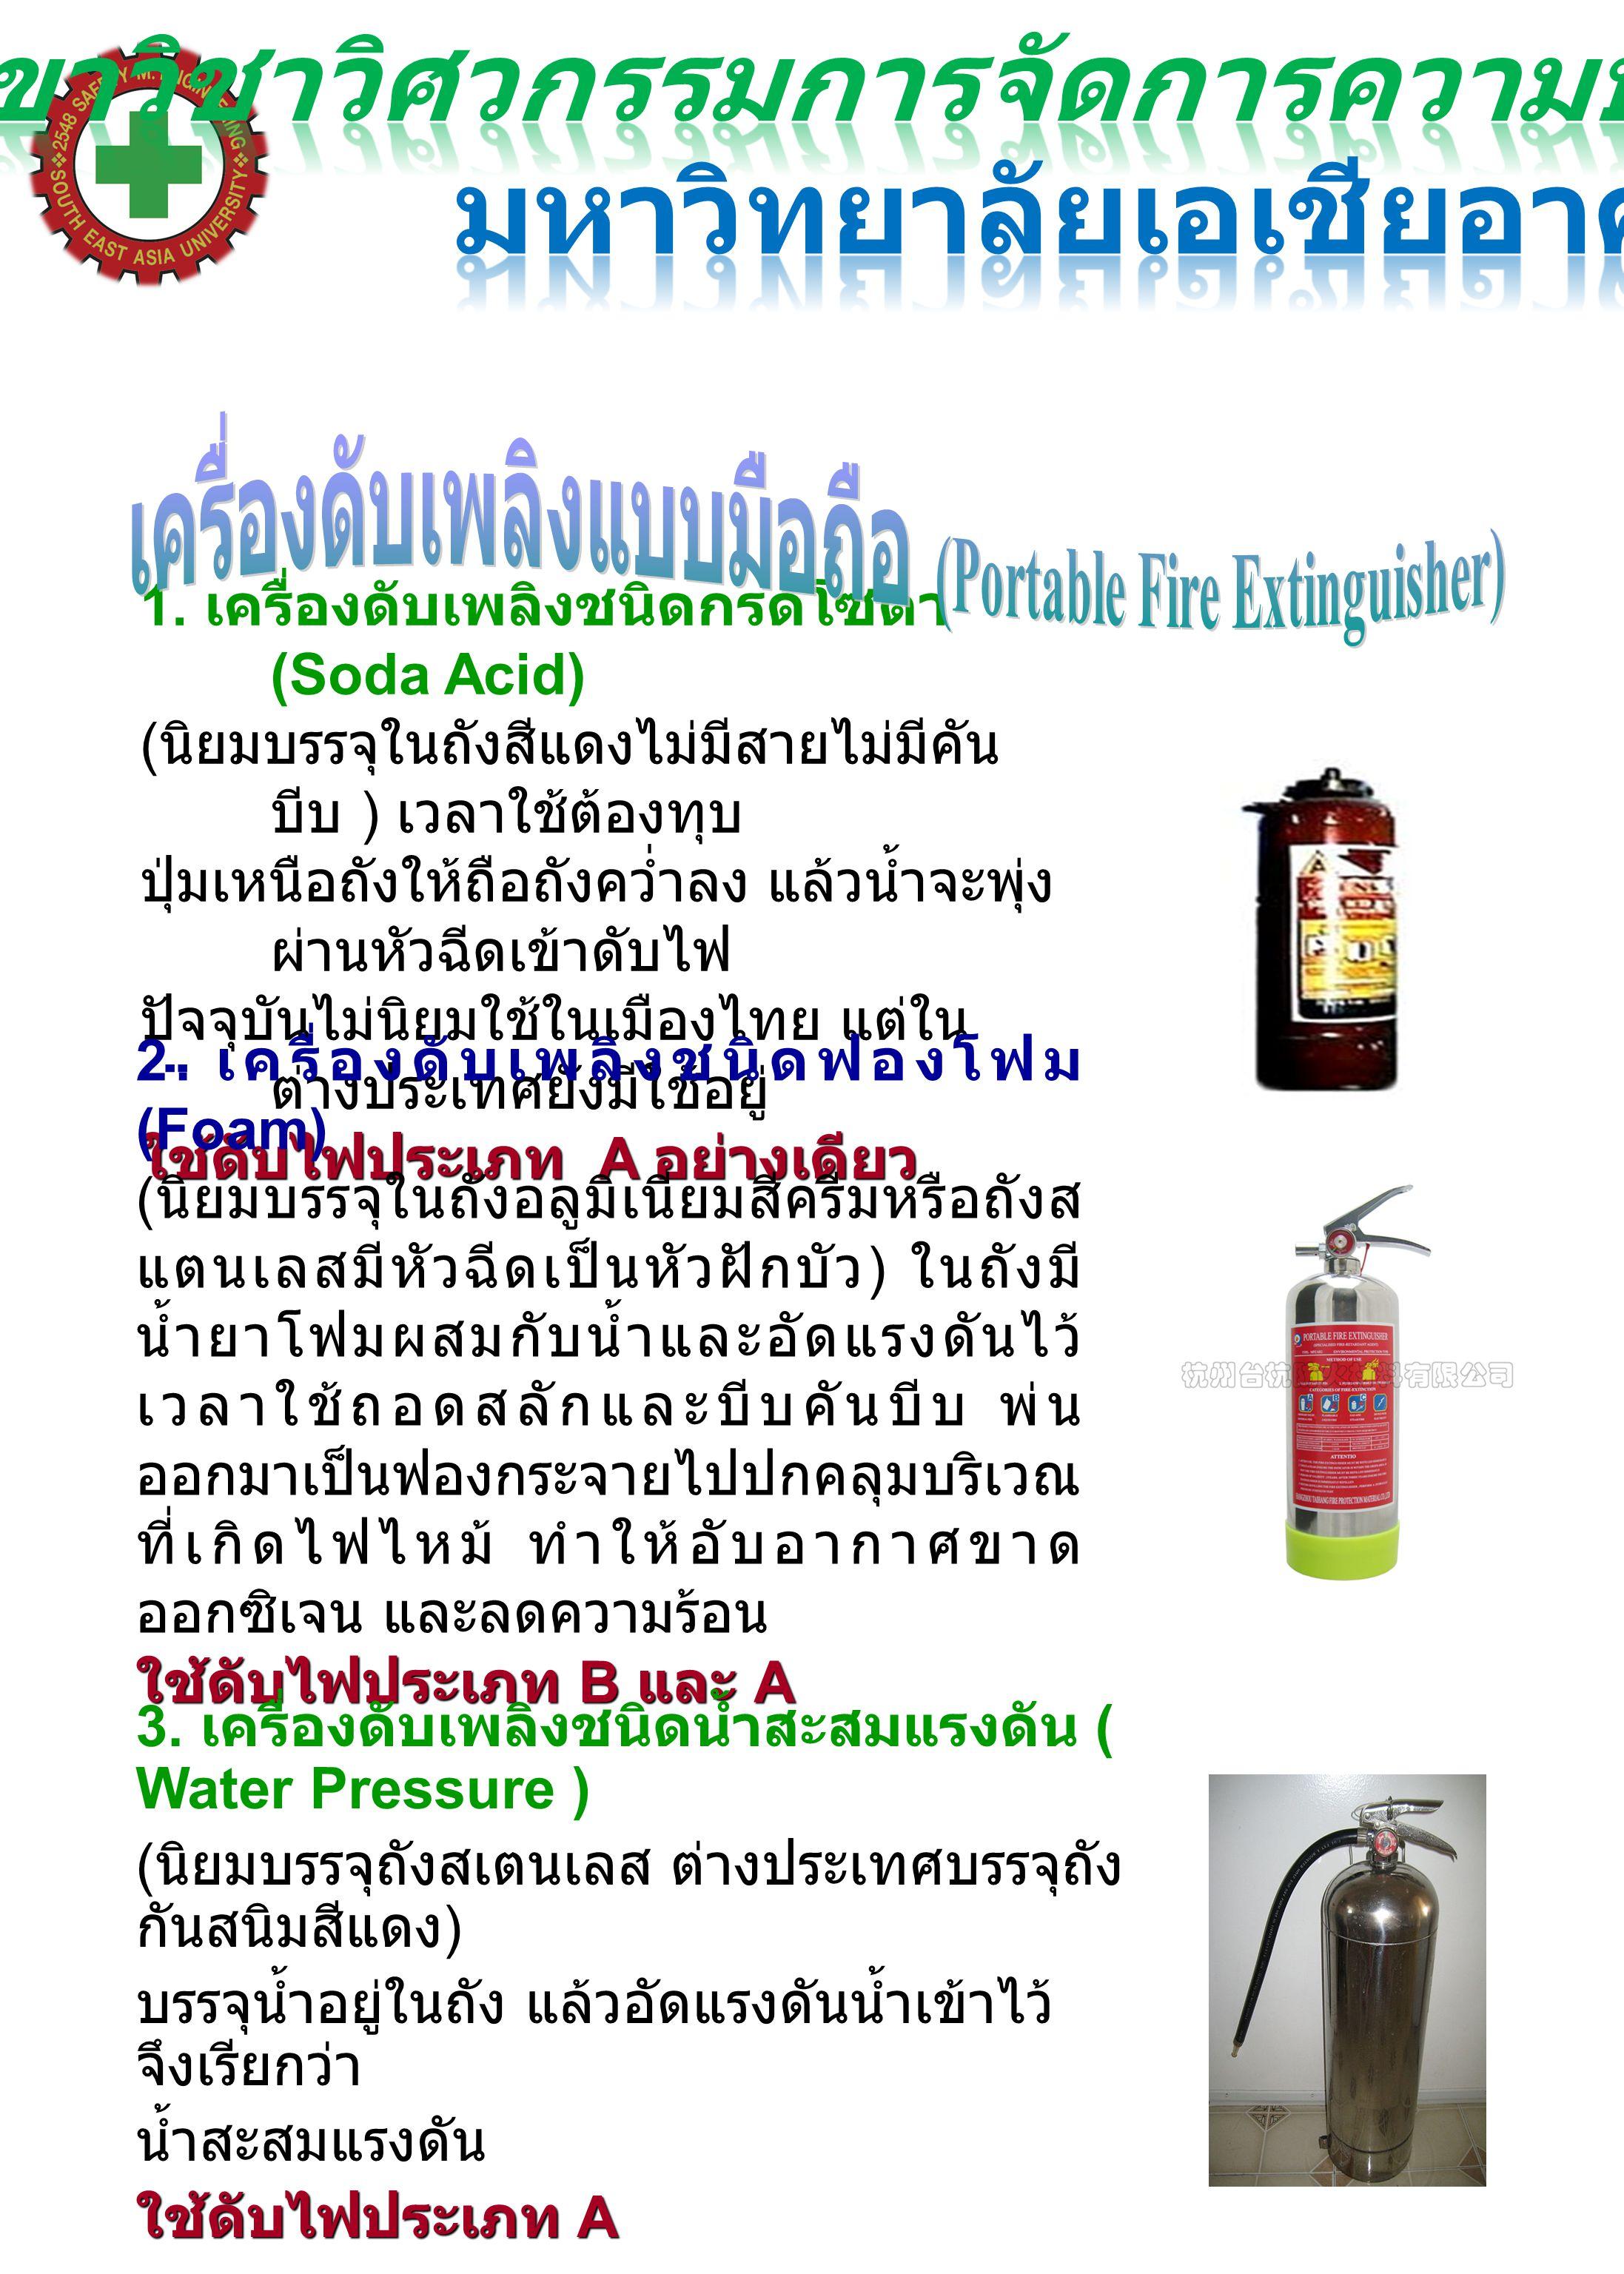 1. เครื่องดับเพลิงชนิดกรดโซดา (Soda Acid) ( นิยมบรรจุในถังสีแดงไม่มีสายไม่มีคัน บีบ ) เวลาใช้ต้องทุบ ปุ่มเหนือถังให้ถือถังคว่ำลง แล้วน้ำจะพุ่ง ผ่านหัว